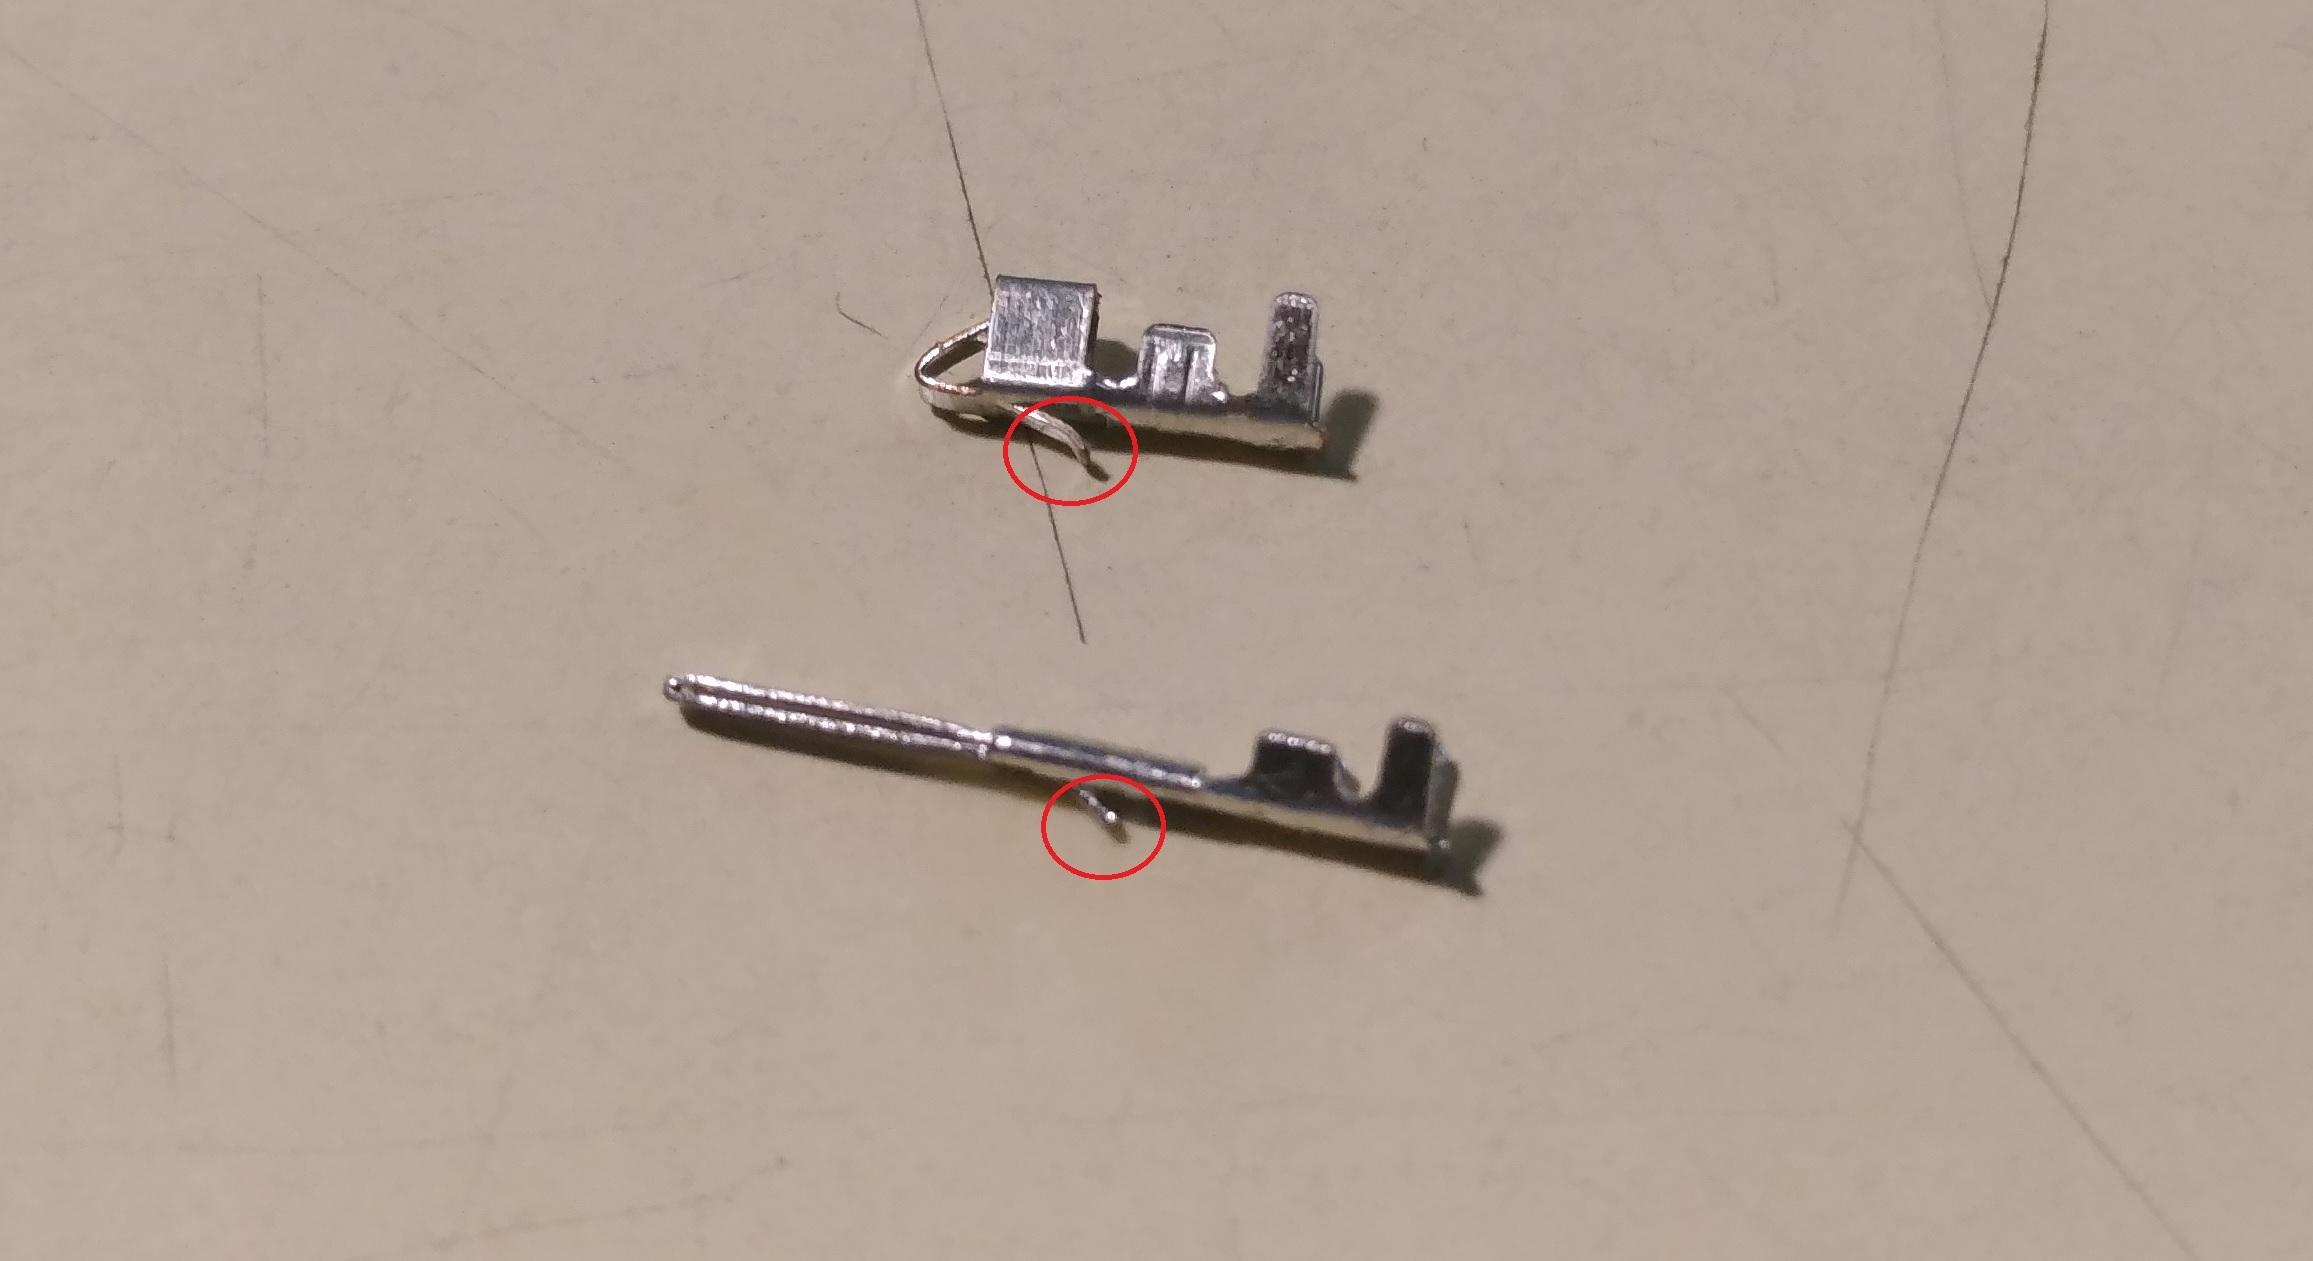 不小心把筆電風扇的線弄壞。求助 (第2頁) - Mobile01